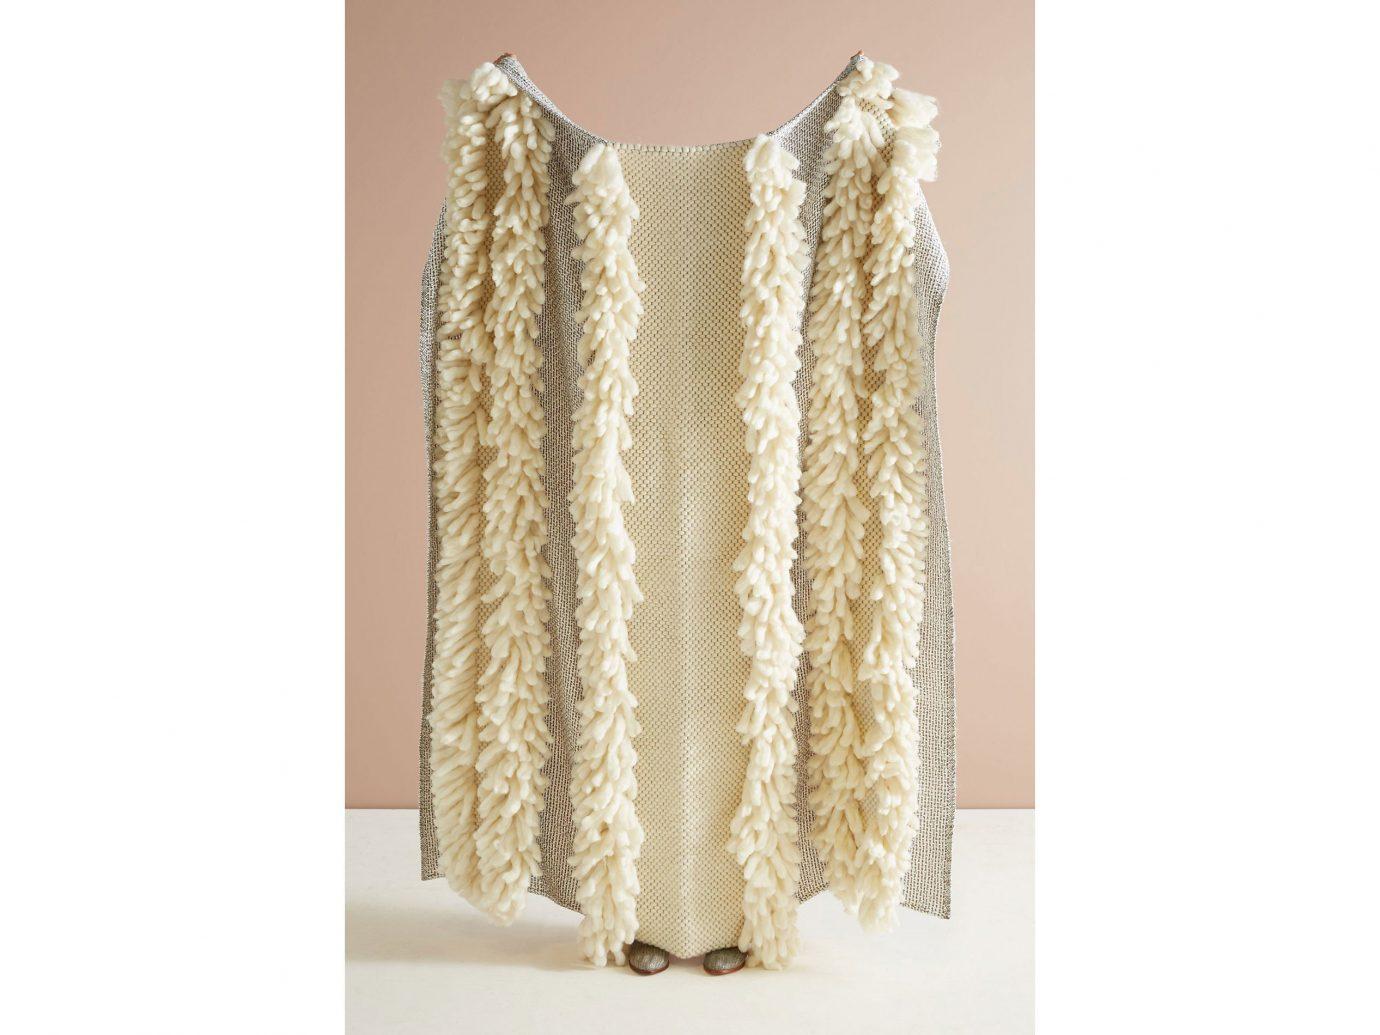 City Copenhagen Kyoto Marrakech Palm Springs Style + Design Travel Shop Tulum dress shoulder outerwear beige colored